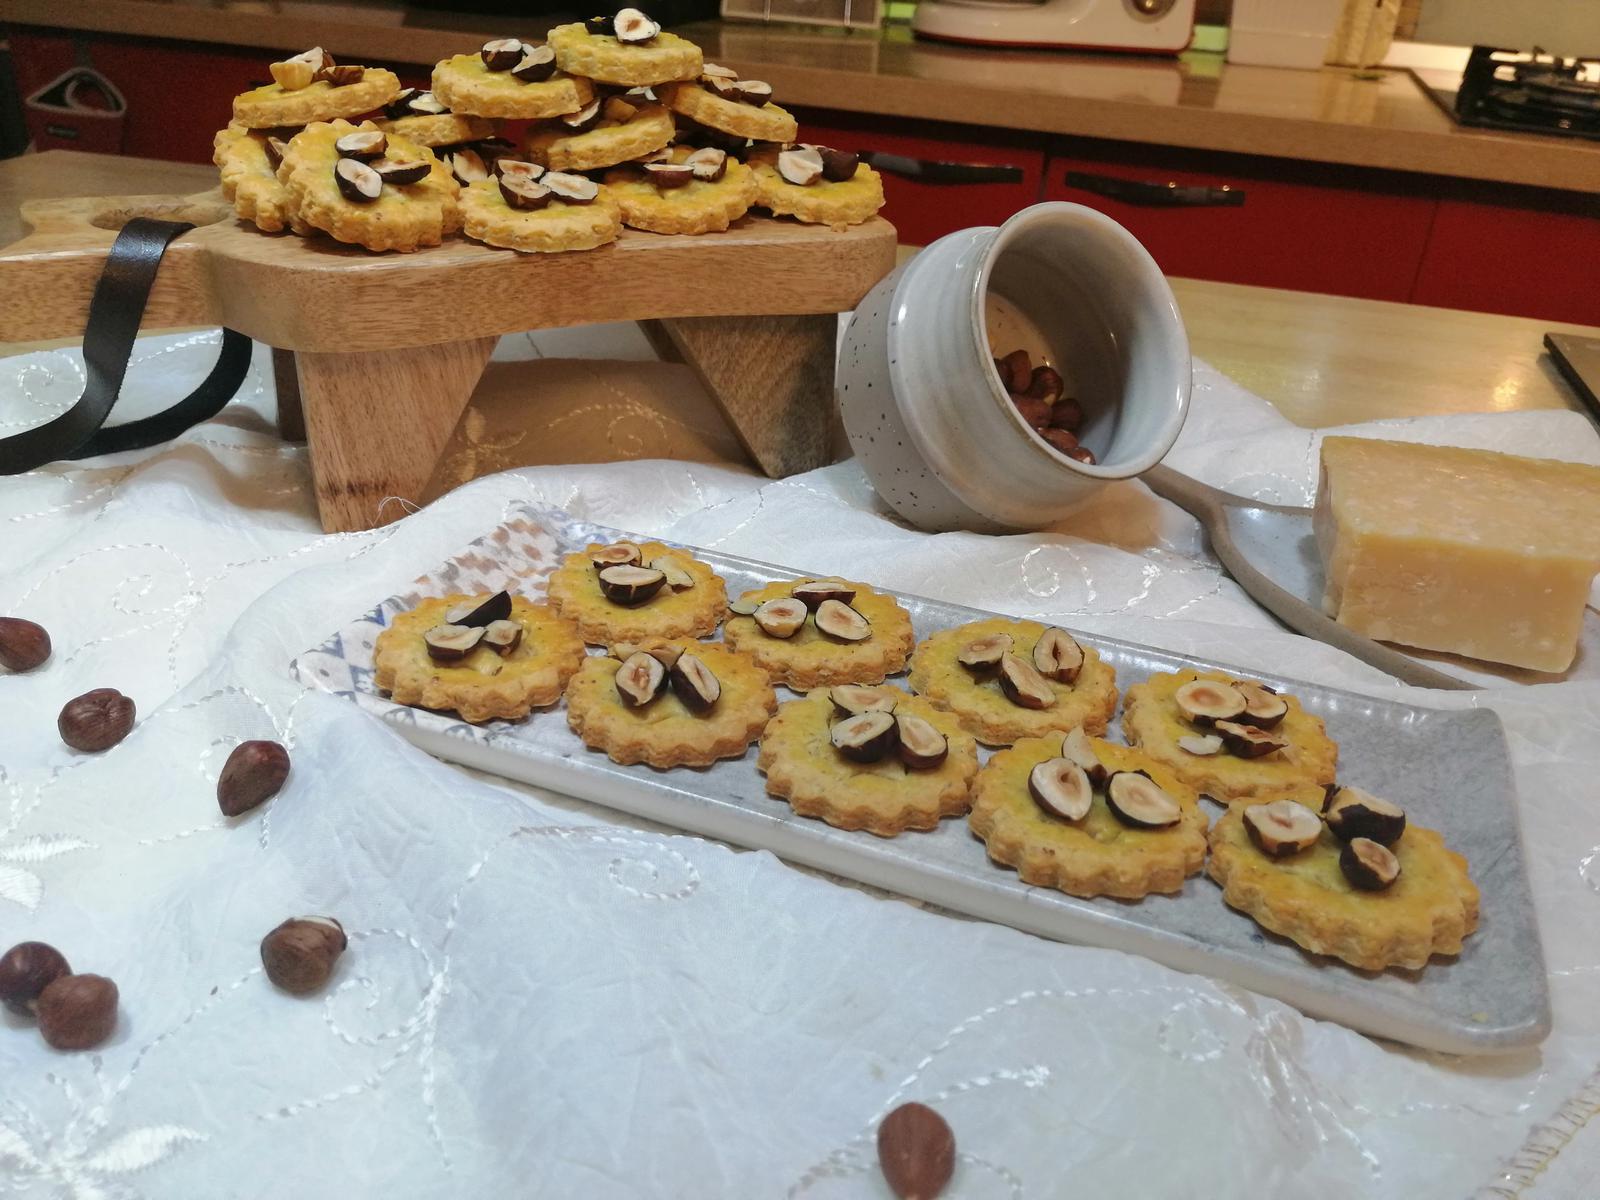 Biscuiți sărati cu alune de pădure și parmezan